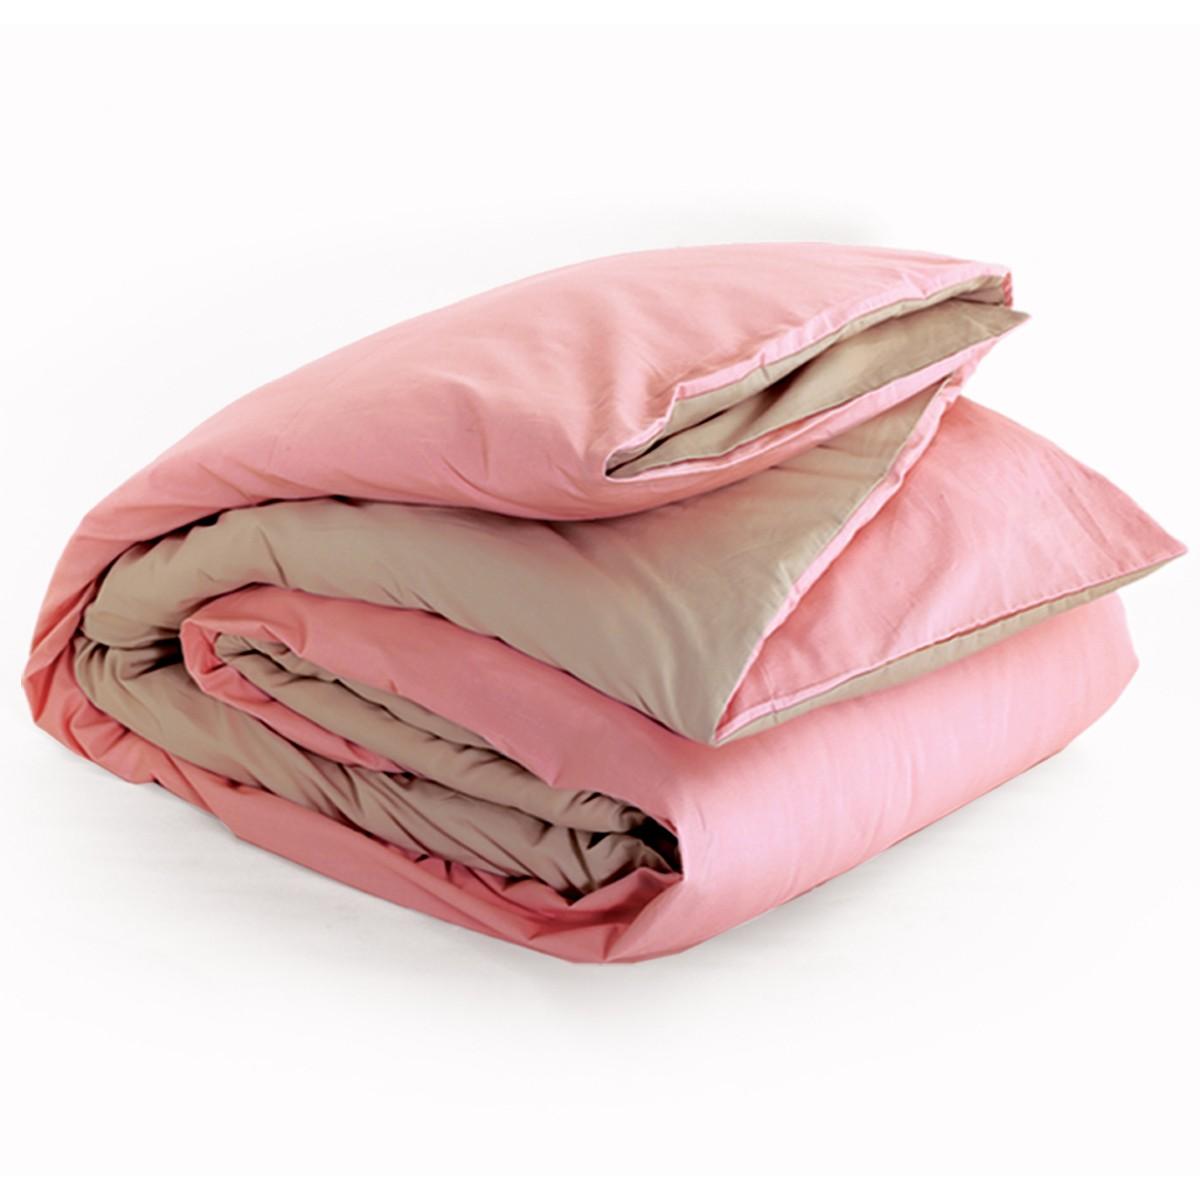 Παπλωματοθήκη Υπέρδιπλη 2 Όψεων Nef-Nef Bicolor Pink/Beige